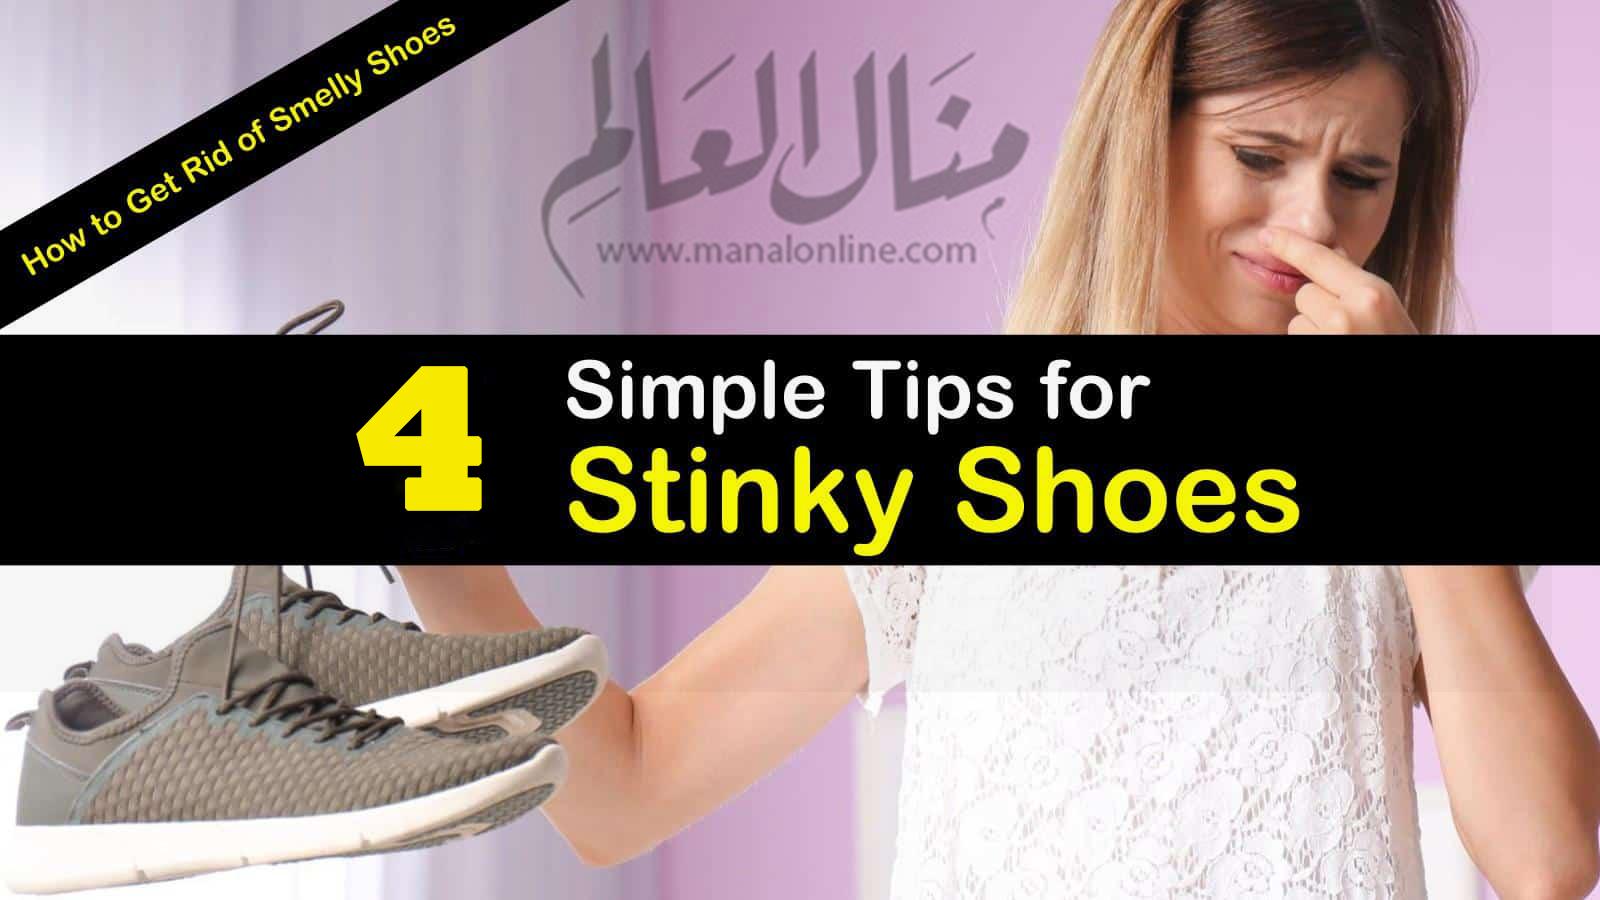 4 طرق فعالة لإزالة الرائحة الكريهة من الأحذية - المشاهدات : 4.62K